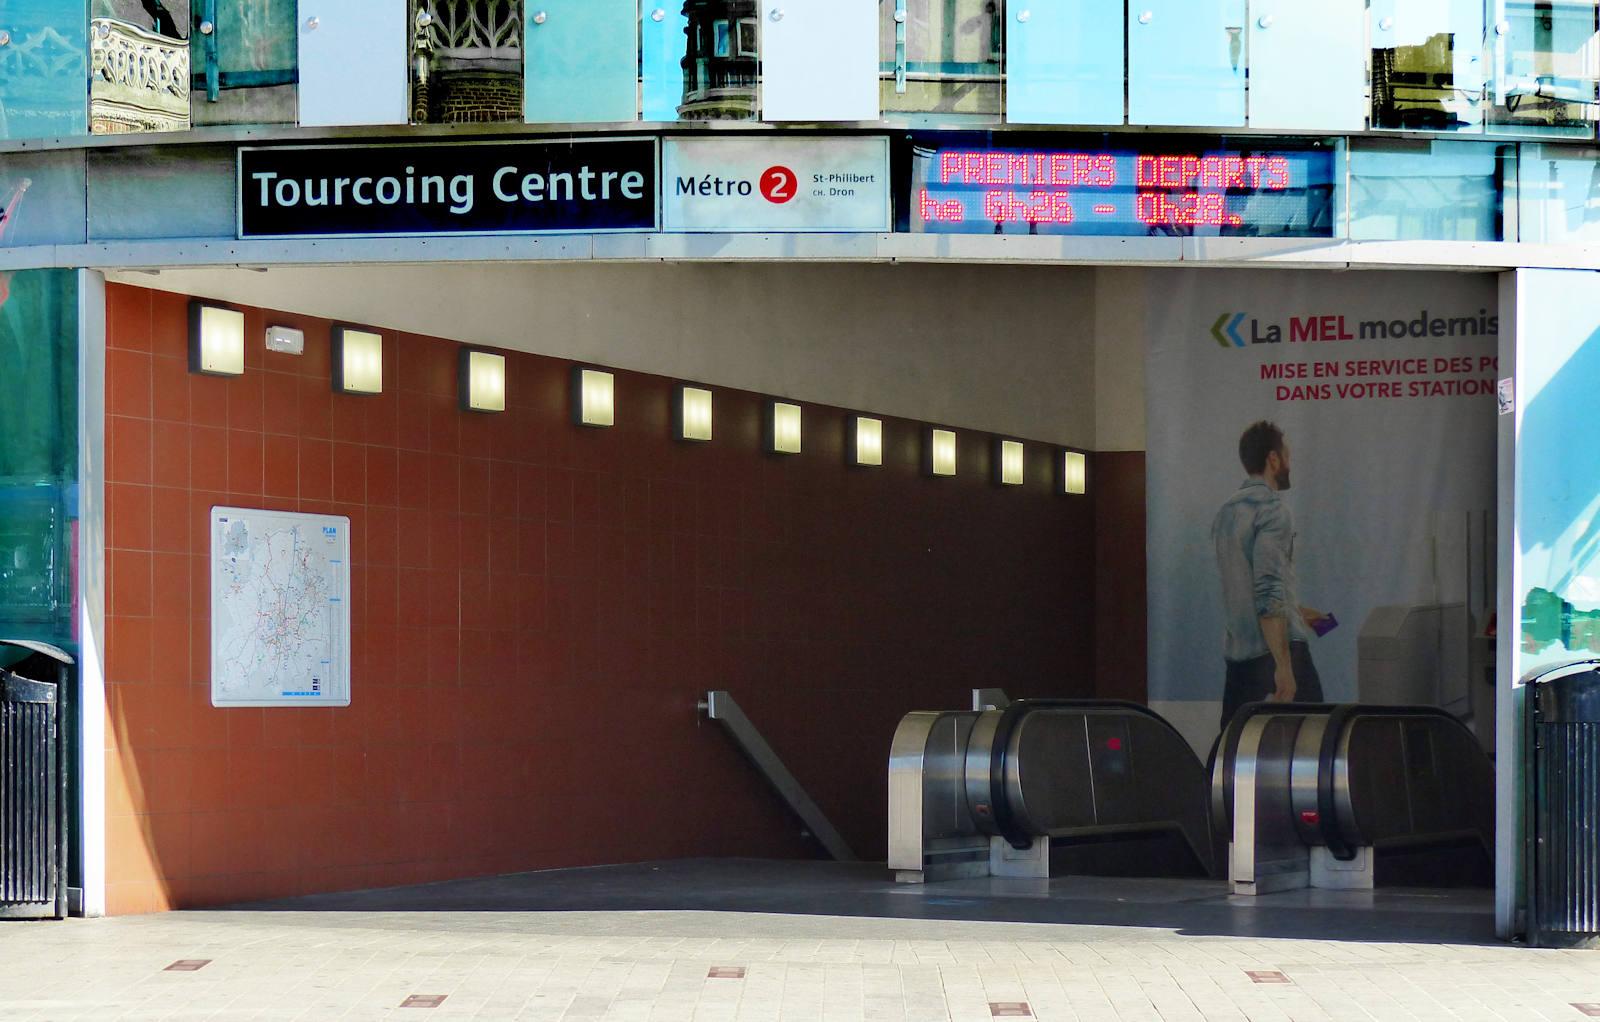 Station Métro Tourcoing Centre - Entrée Parvis Saint Christophe (place de la République)